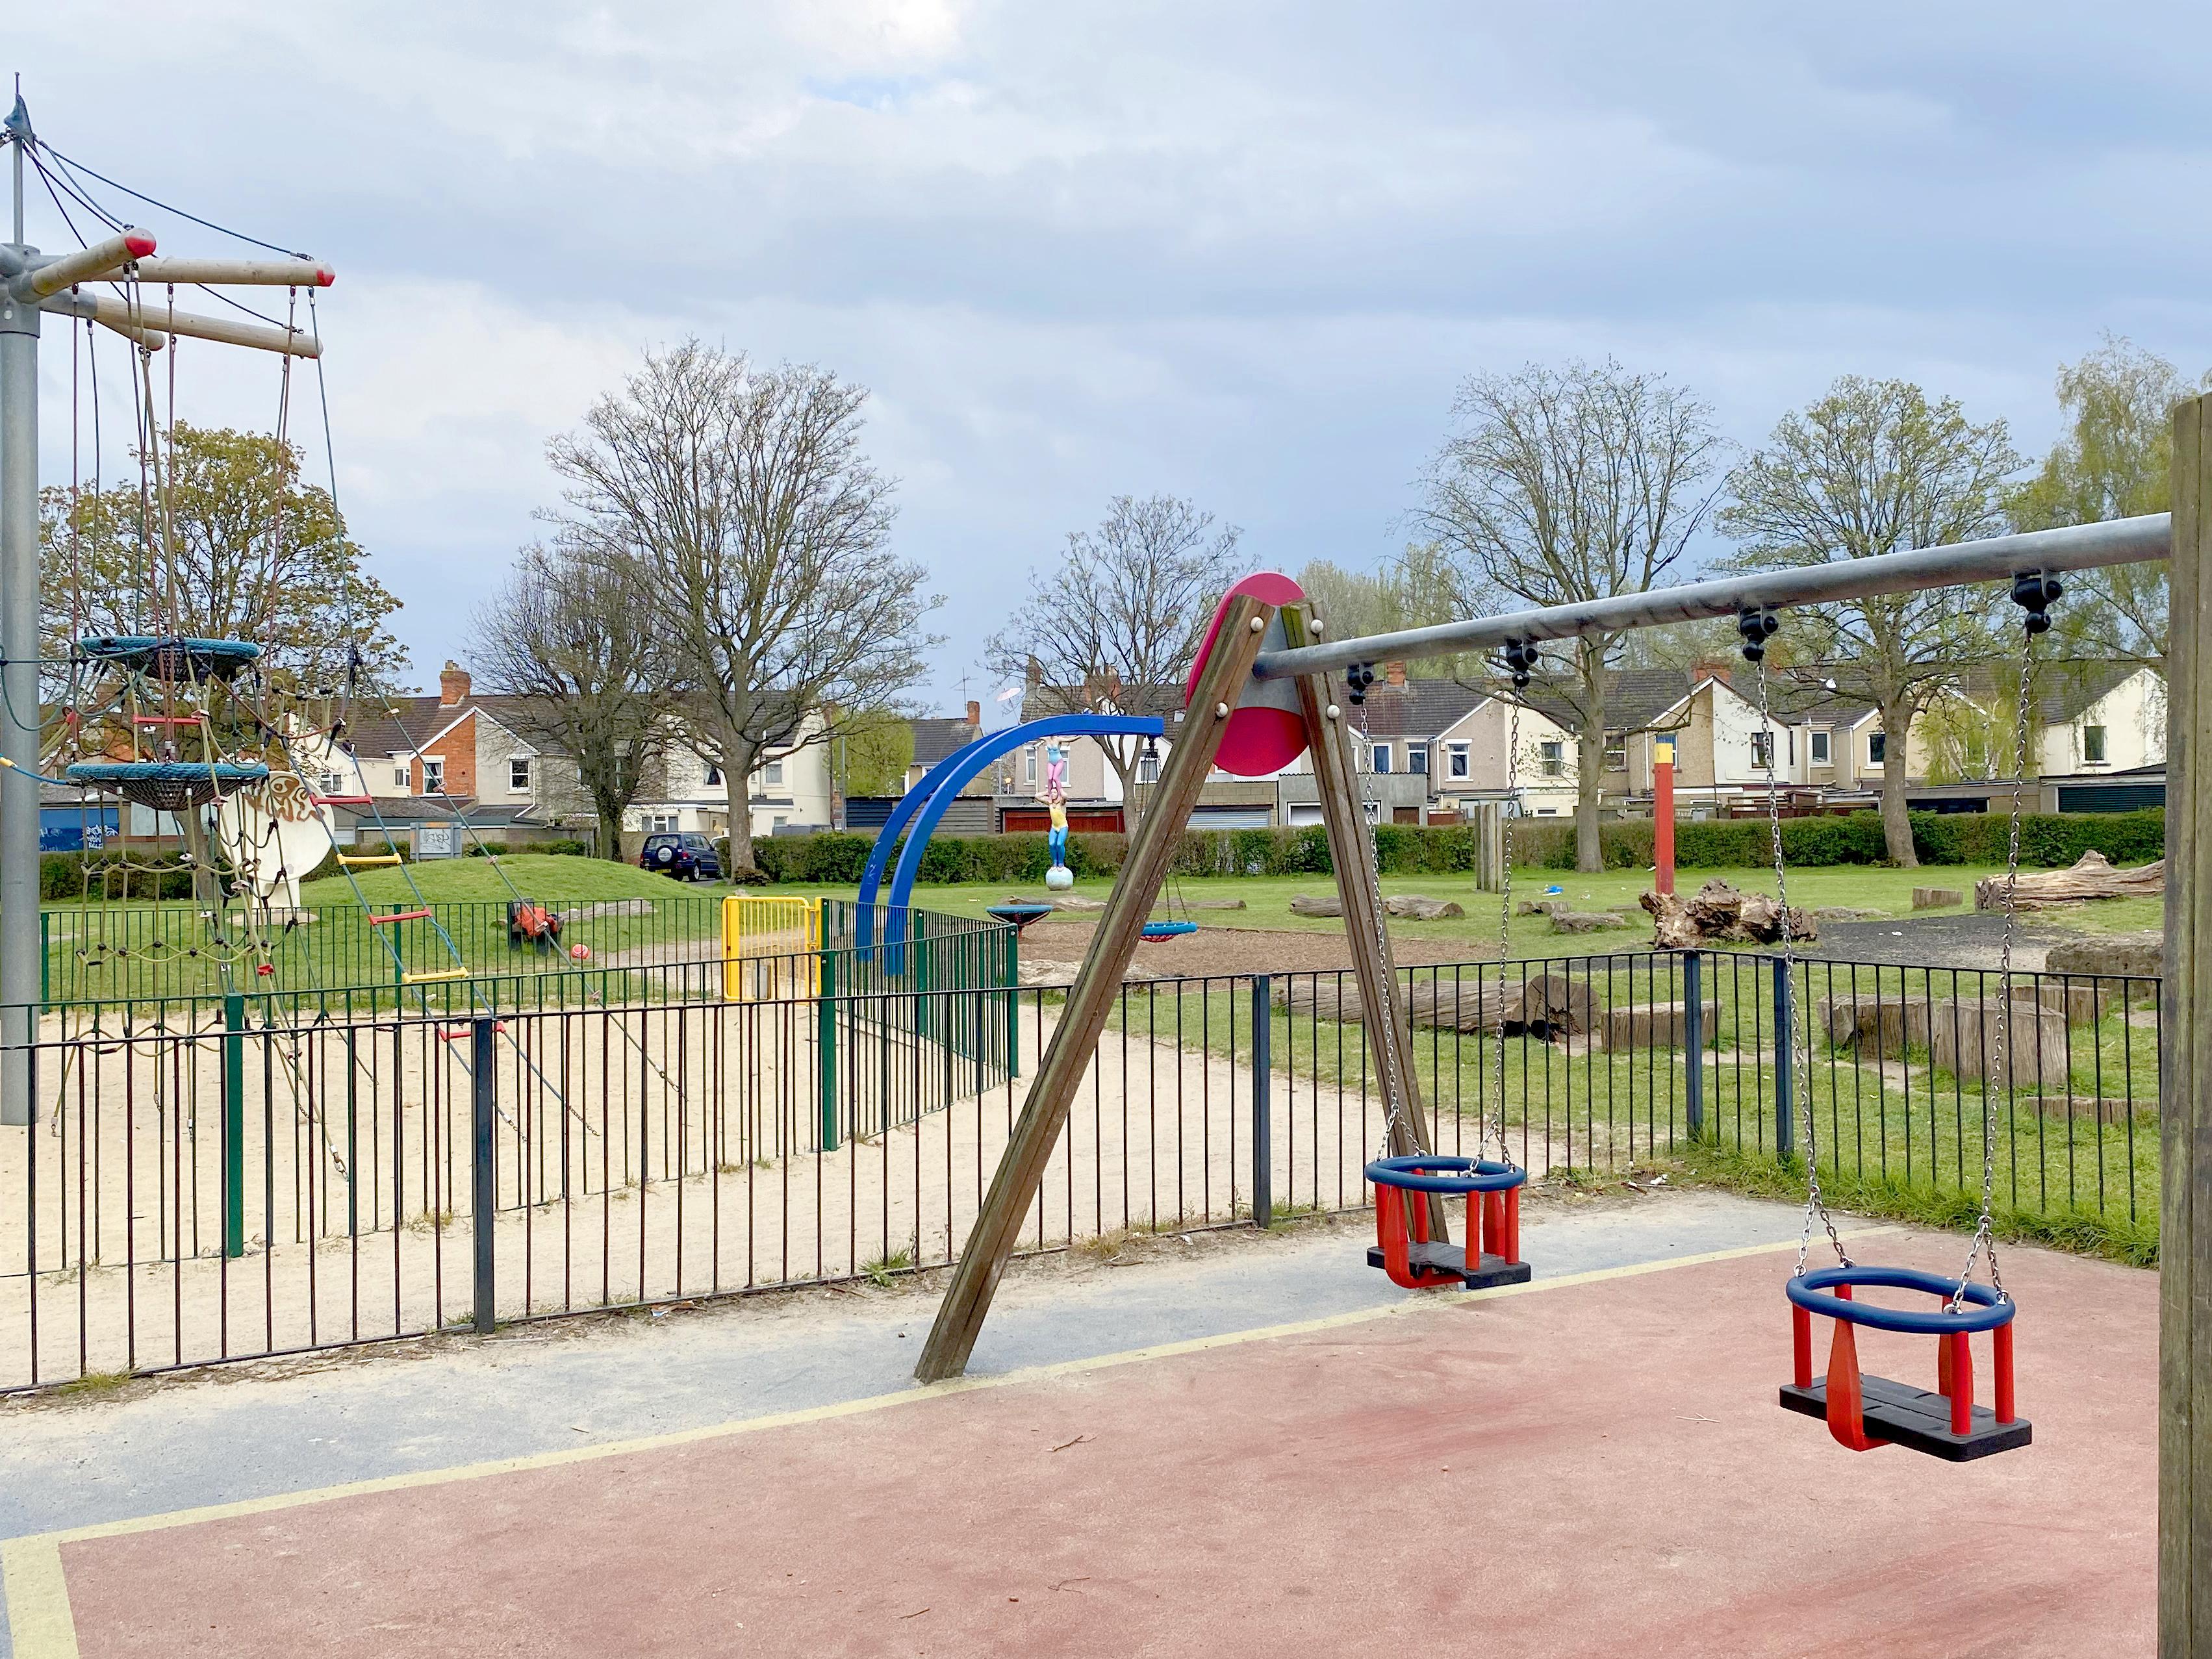 St. Marks Park Swindon